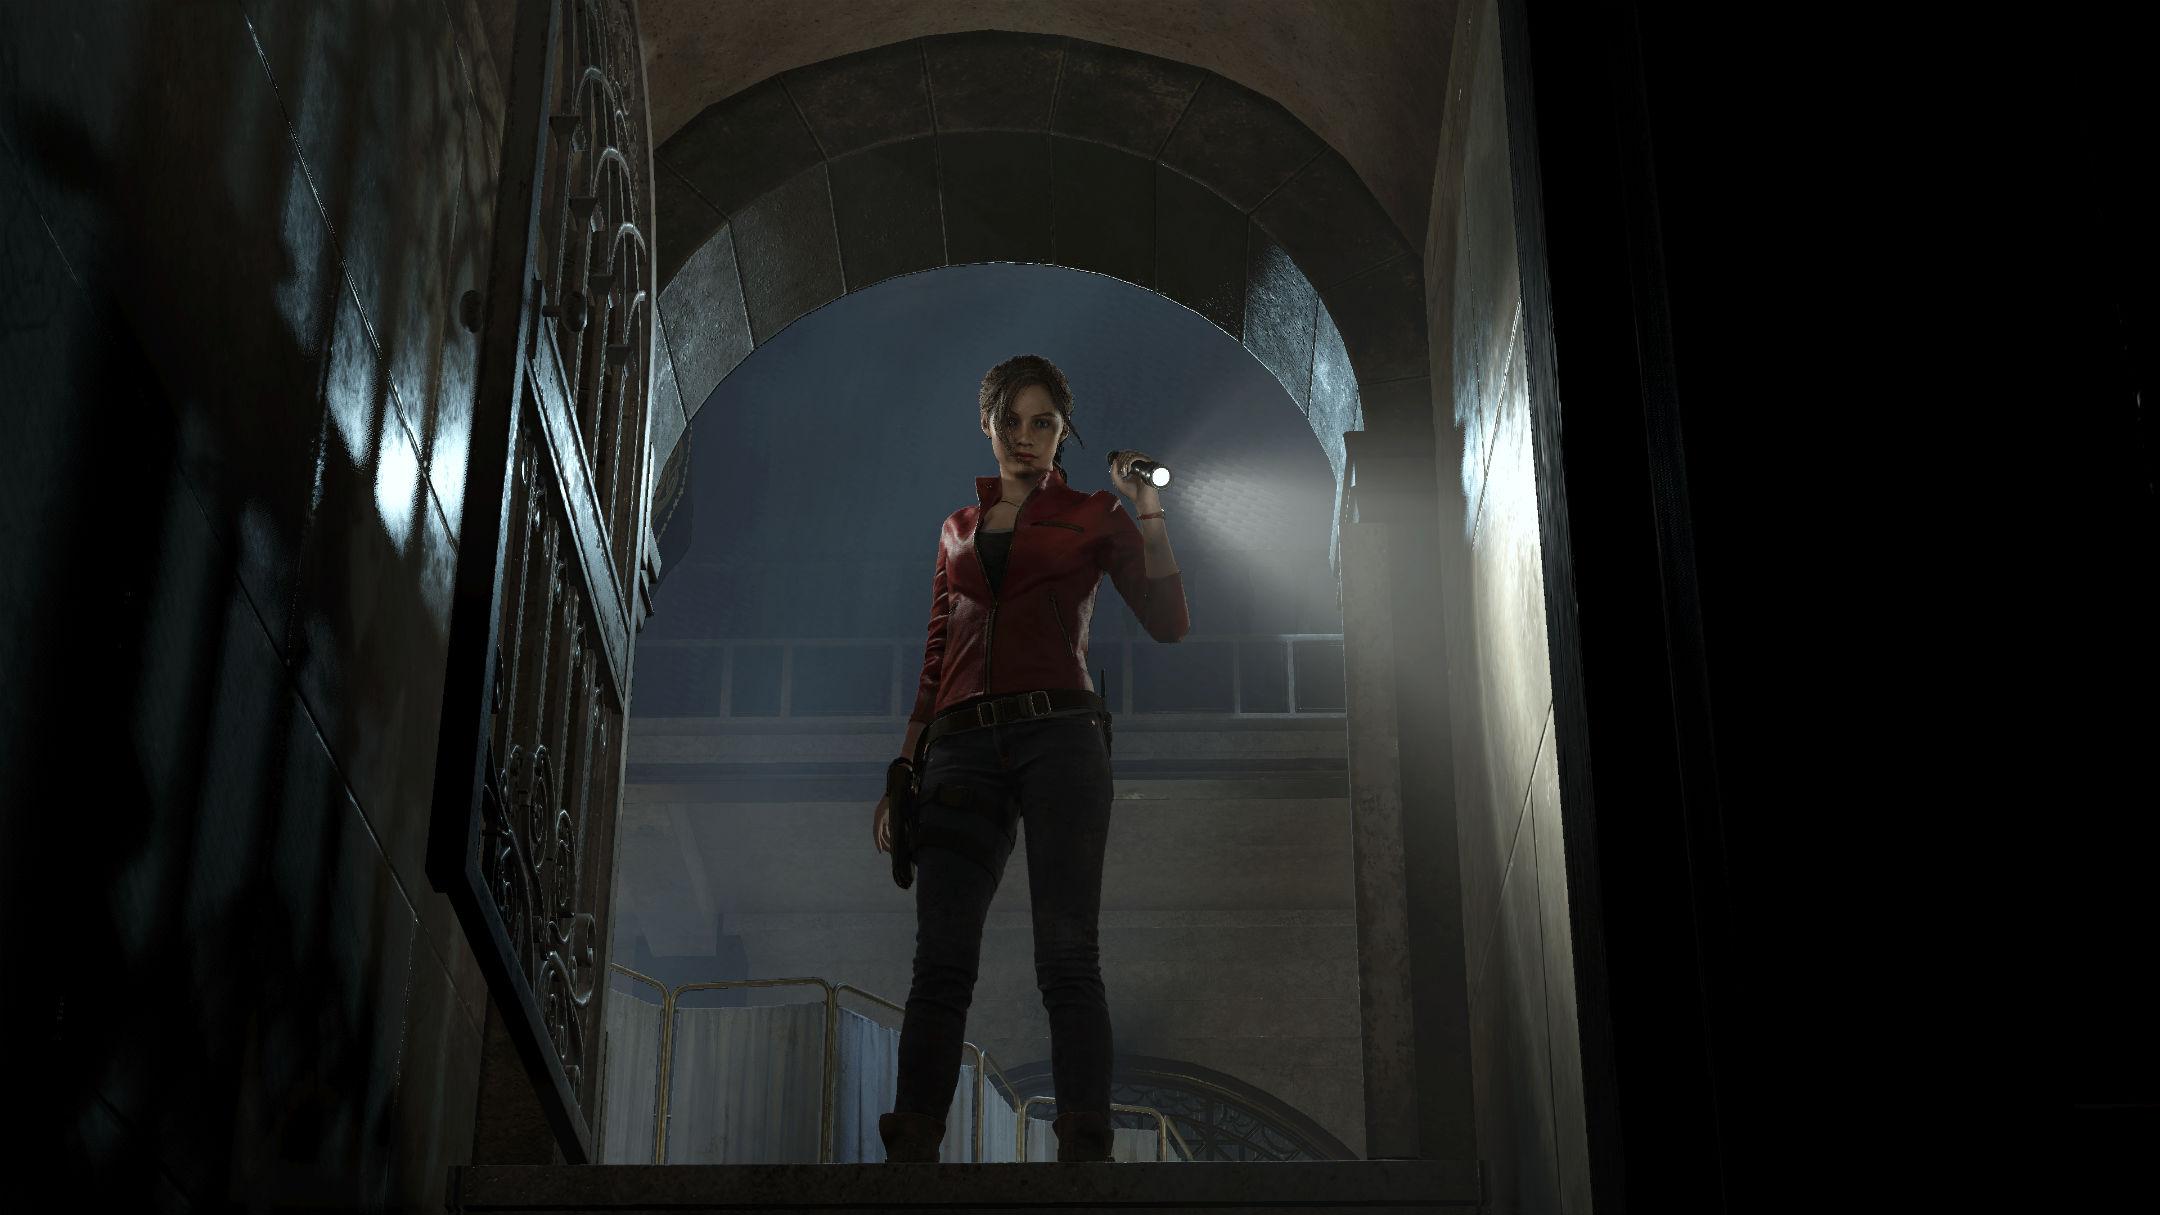 Claire Redfield de face éclairant une cave de sa lampe torche, contre-plongée Resident Evil 2 Remake